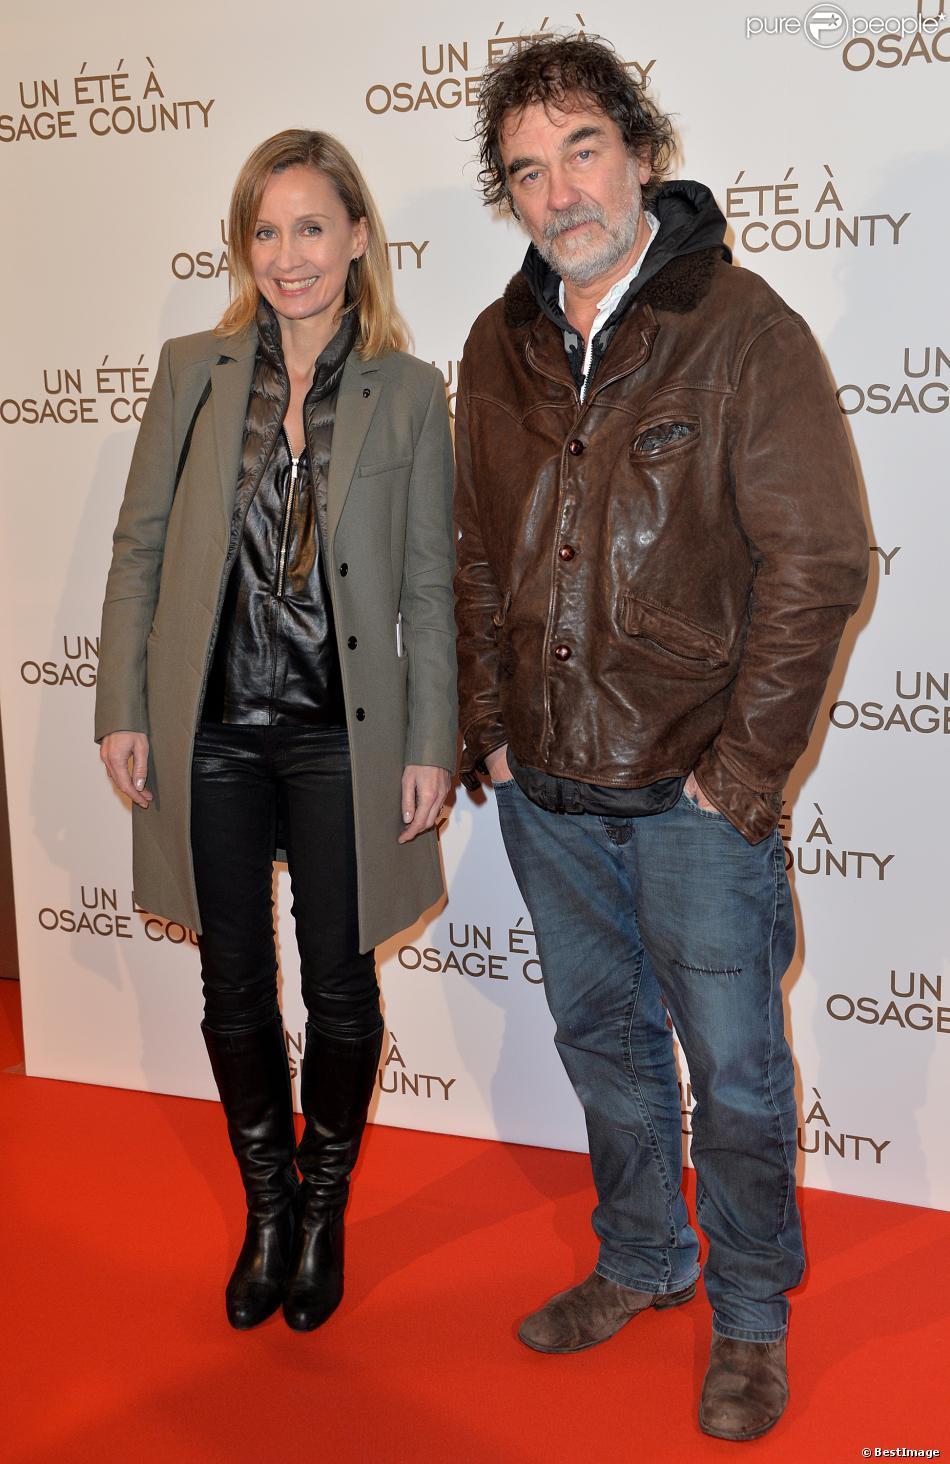 """Olivier Marchal et sa femme Catherine lors de l'avant-première du film """"Un été à Osage County"""" à l'UGC Normandie à Paris, le 13 février 2014"""